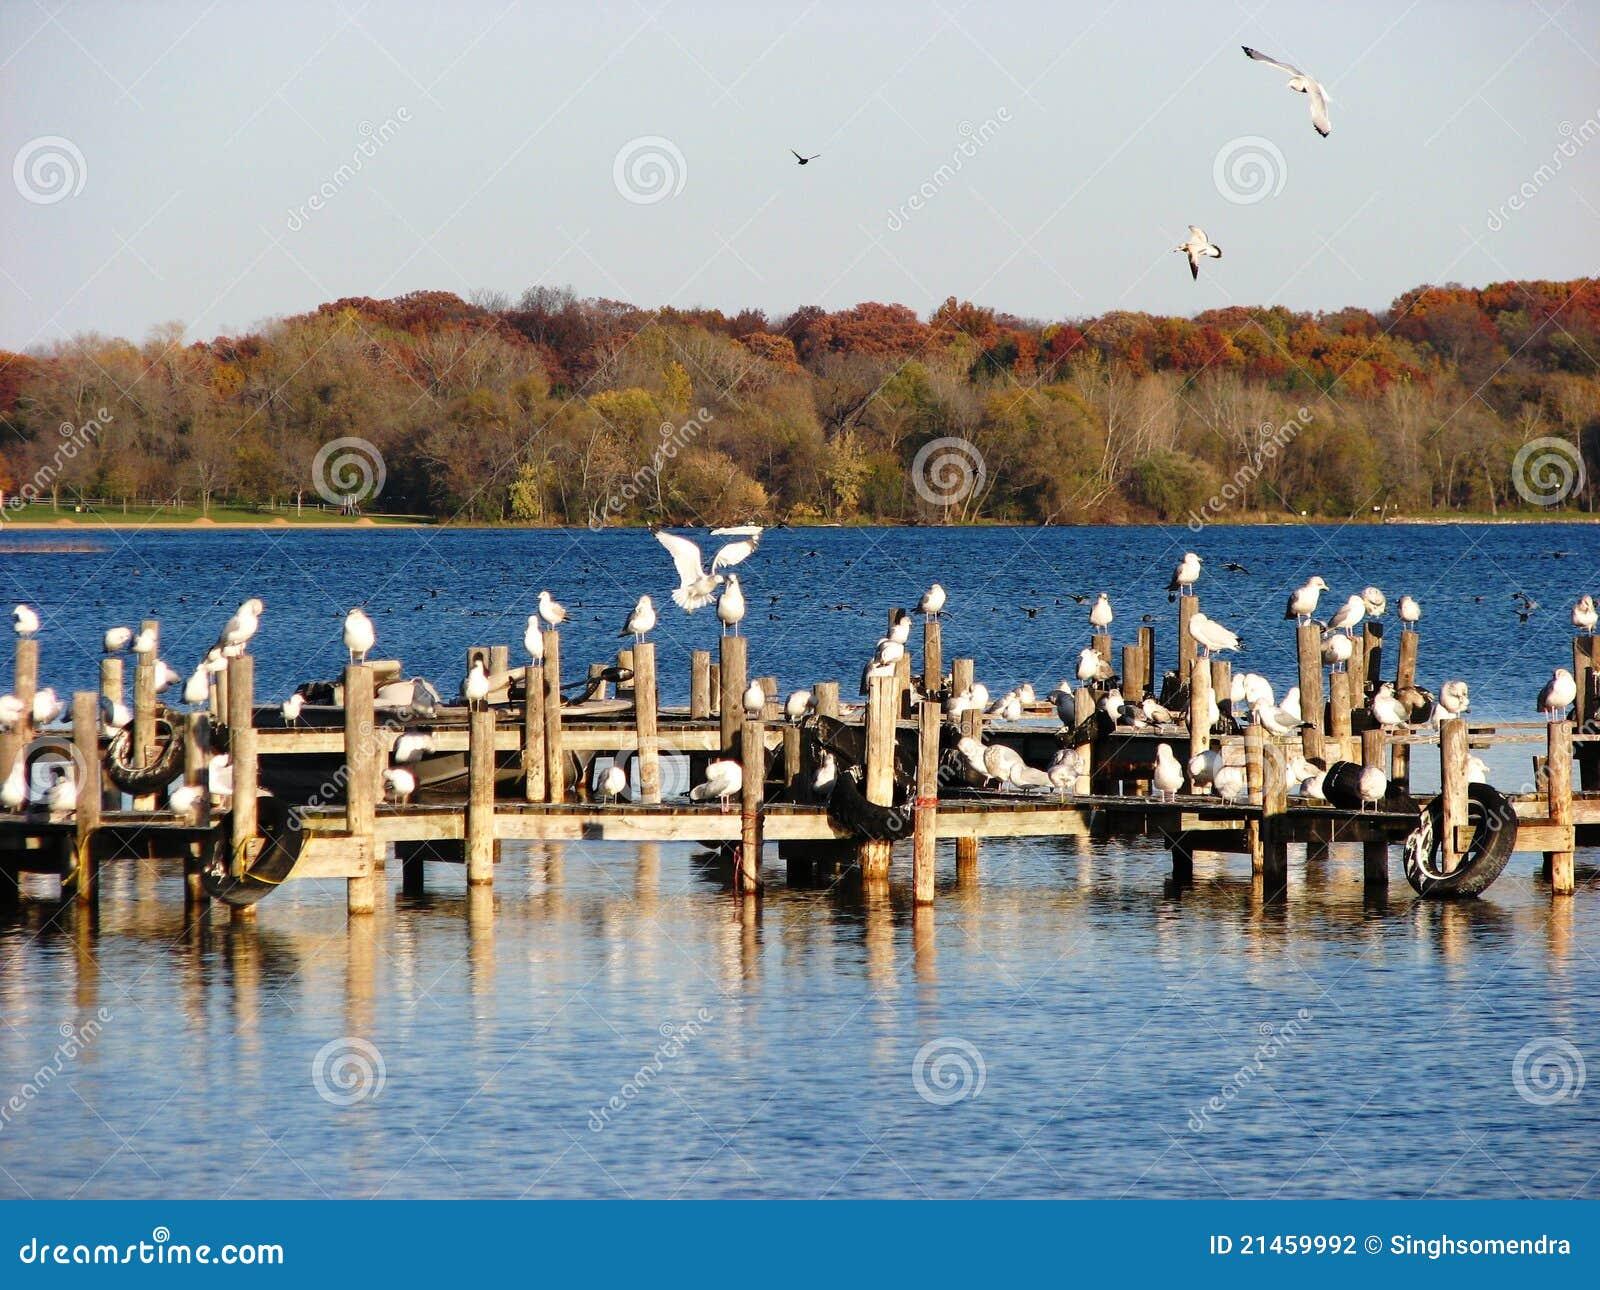 Fall Season and seagulls in Wisconsin